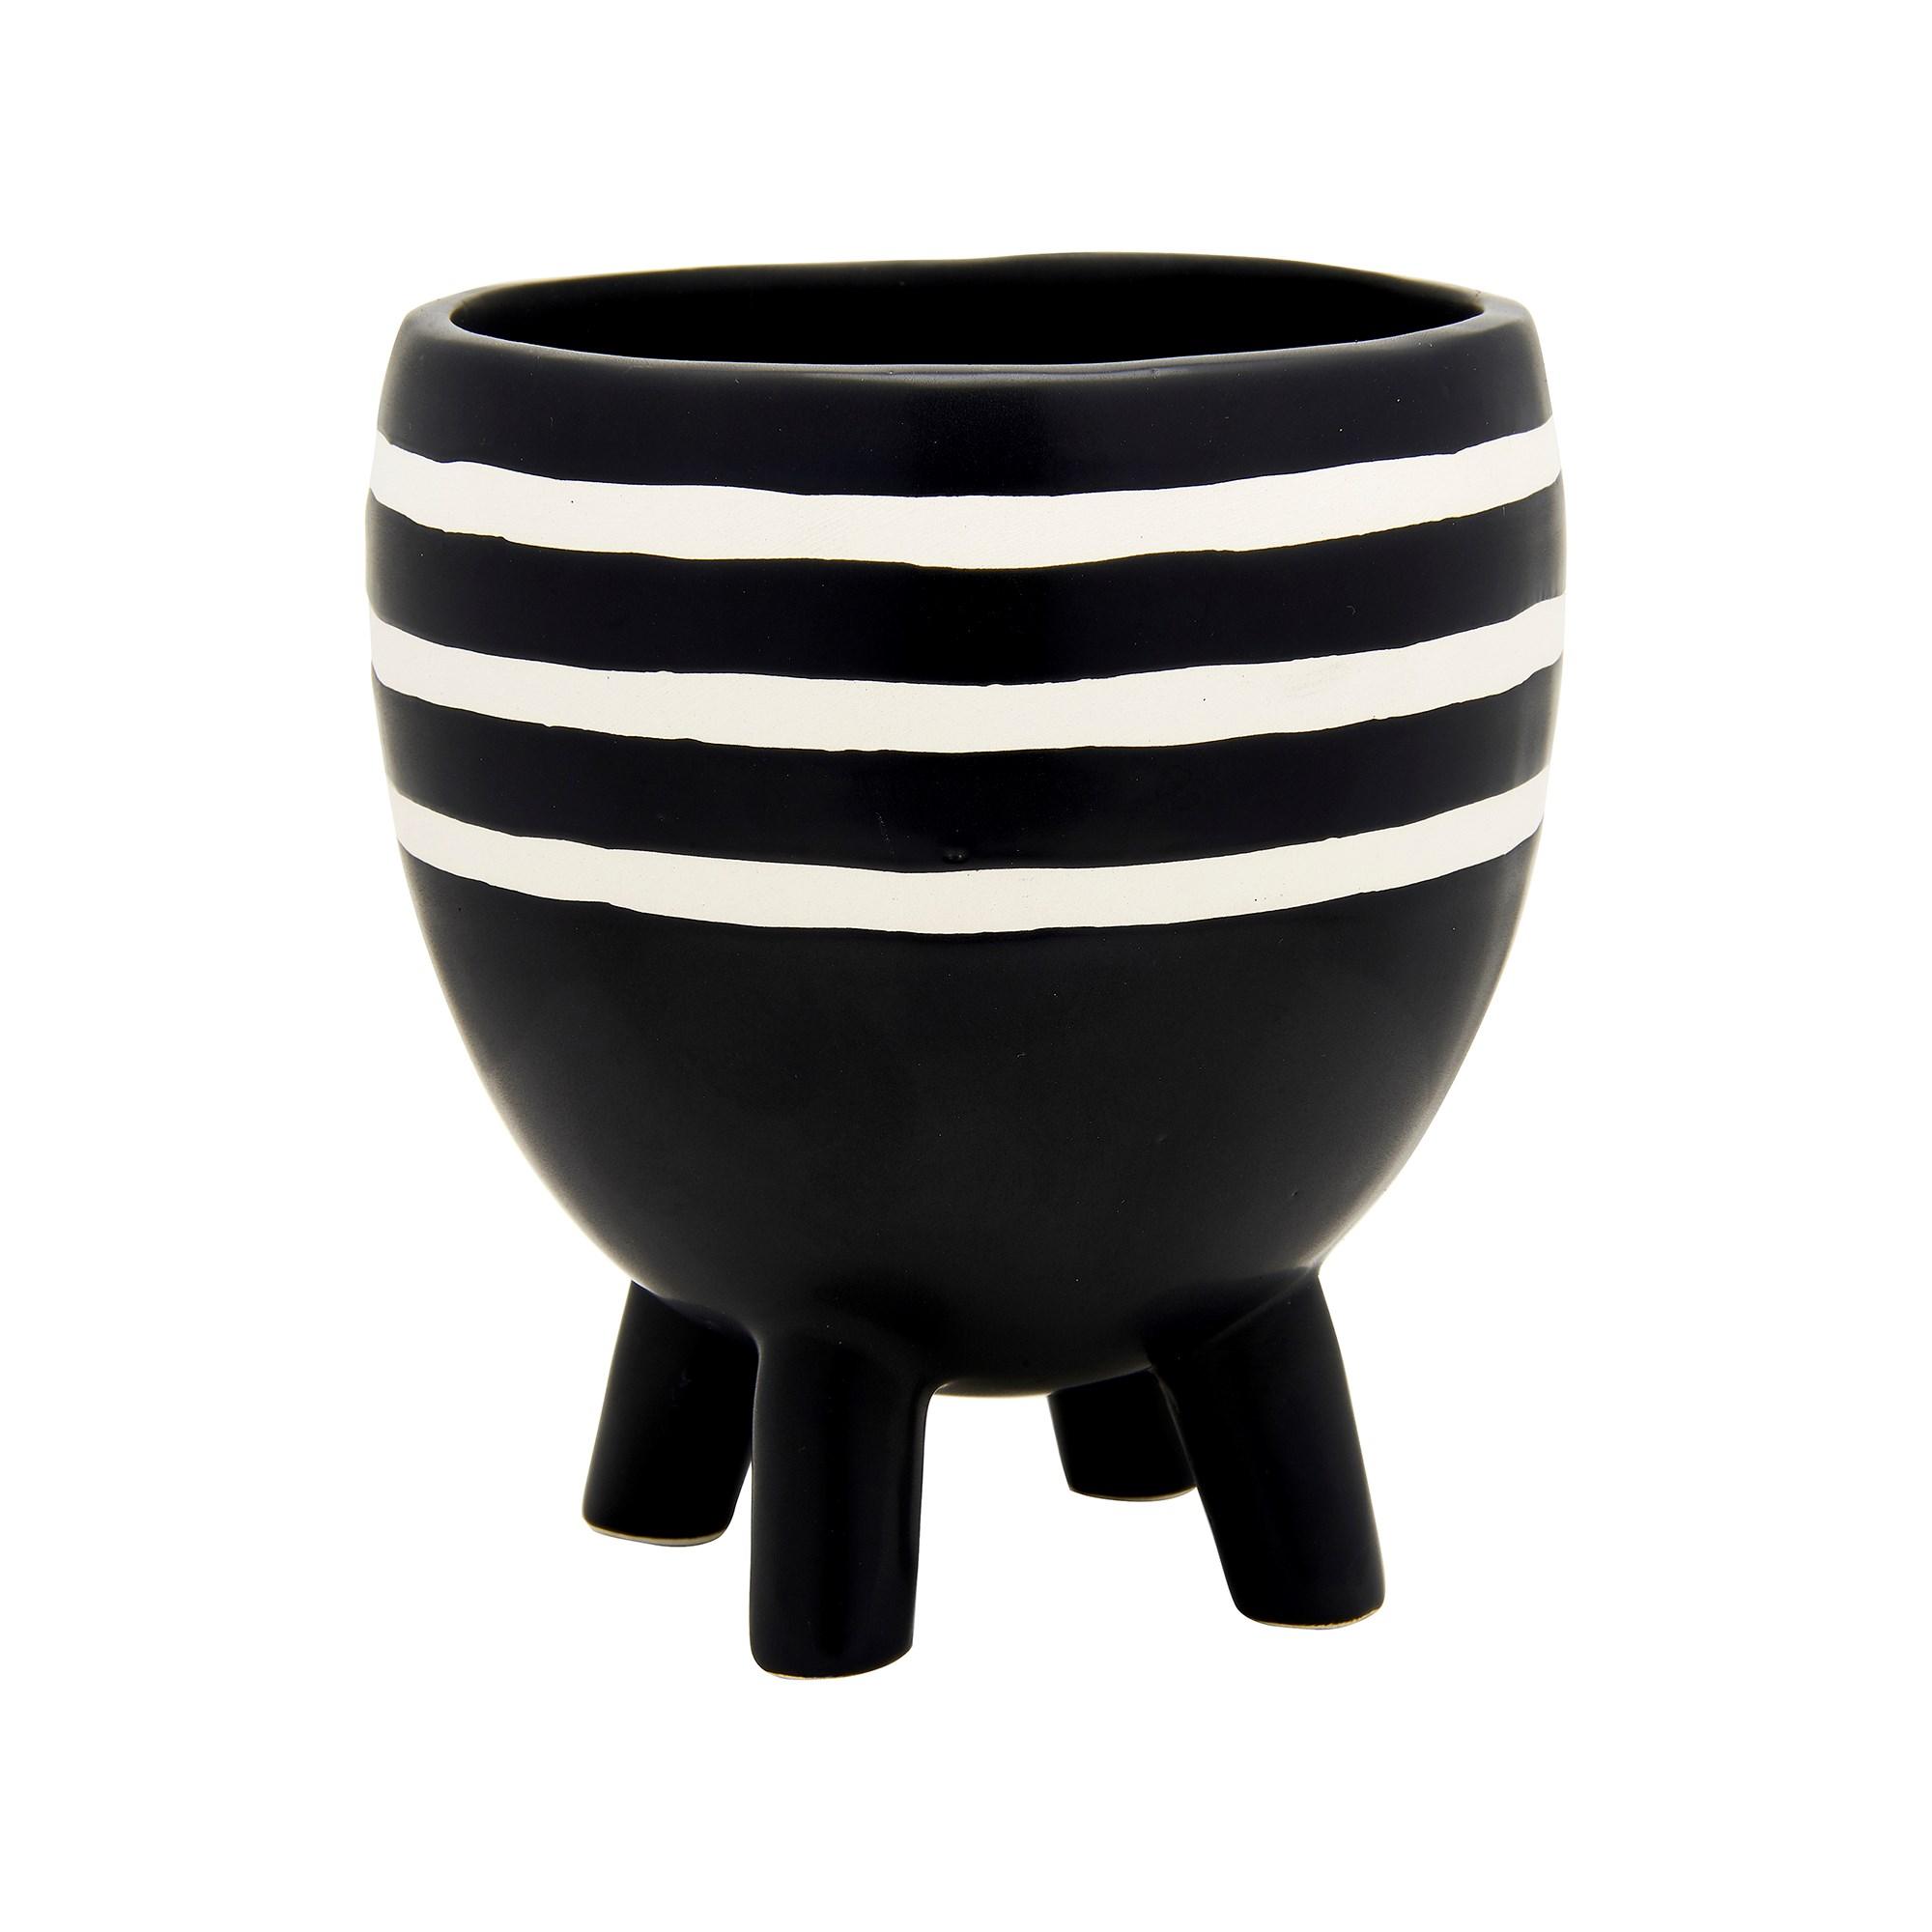 Monochrome Striped Pot